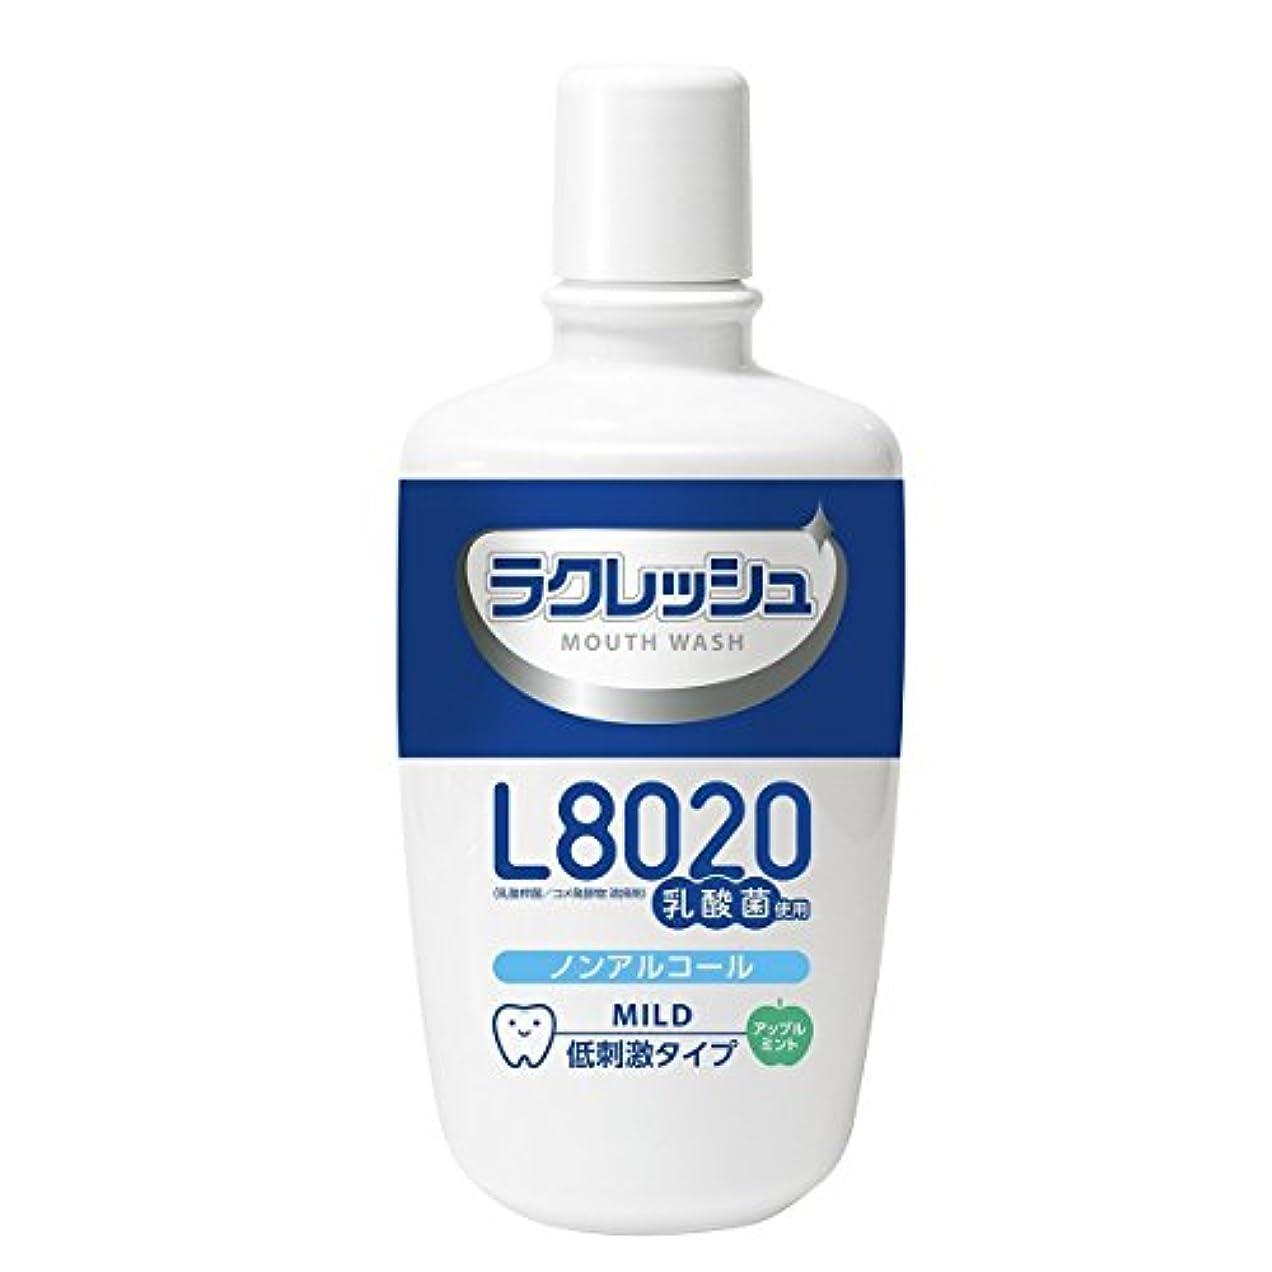 ラケット効果的に合唱団ラクレッシュ L8020菌使用 マウスウォッシュ ノンアルコールタイプ 300mL×15個セット